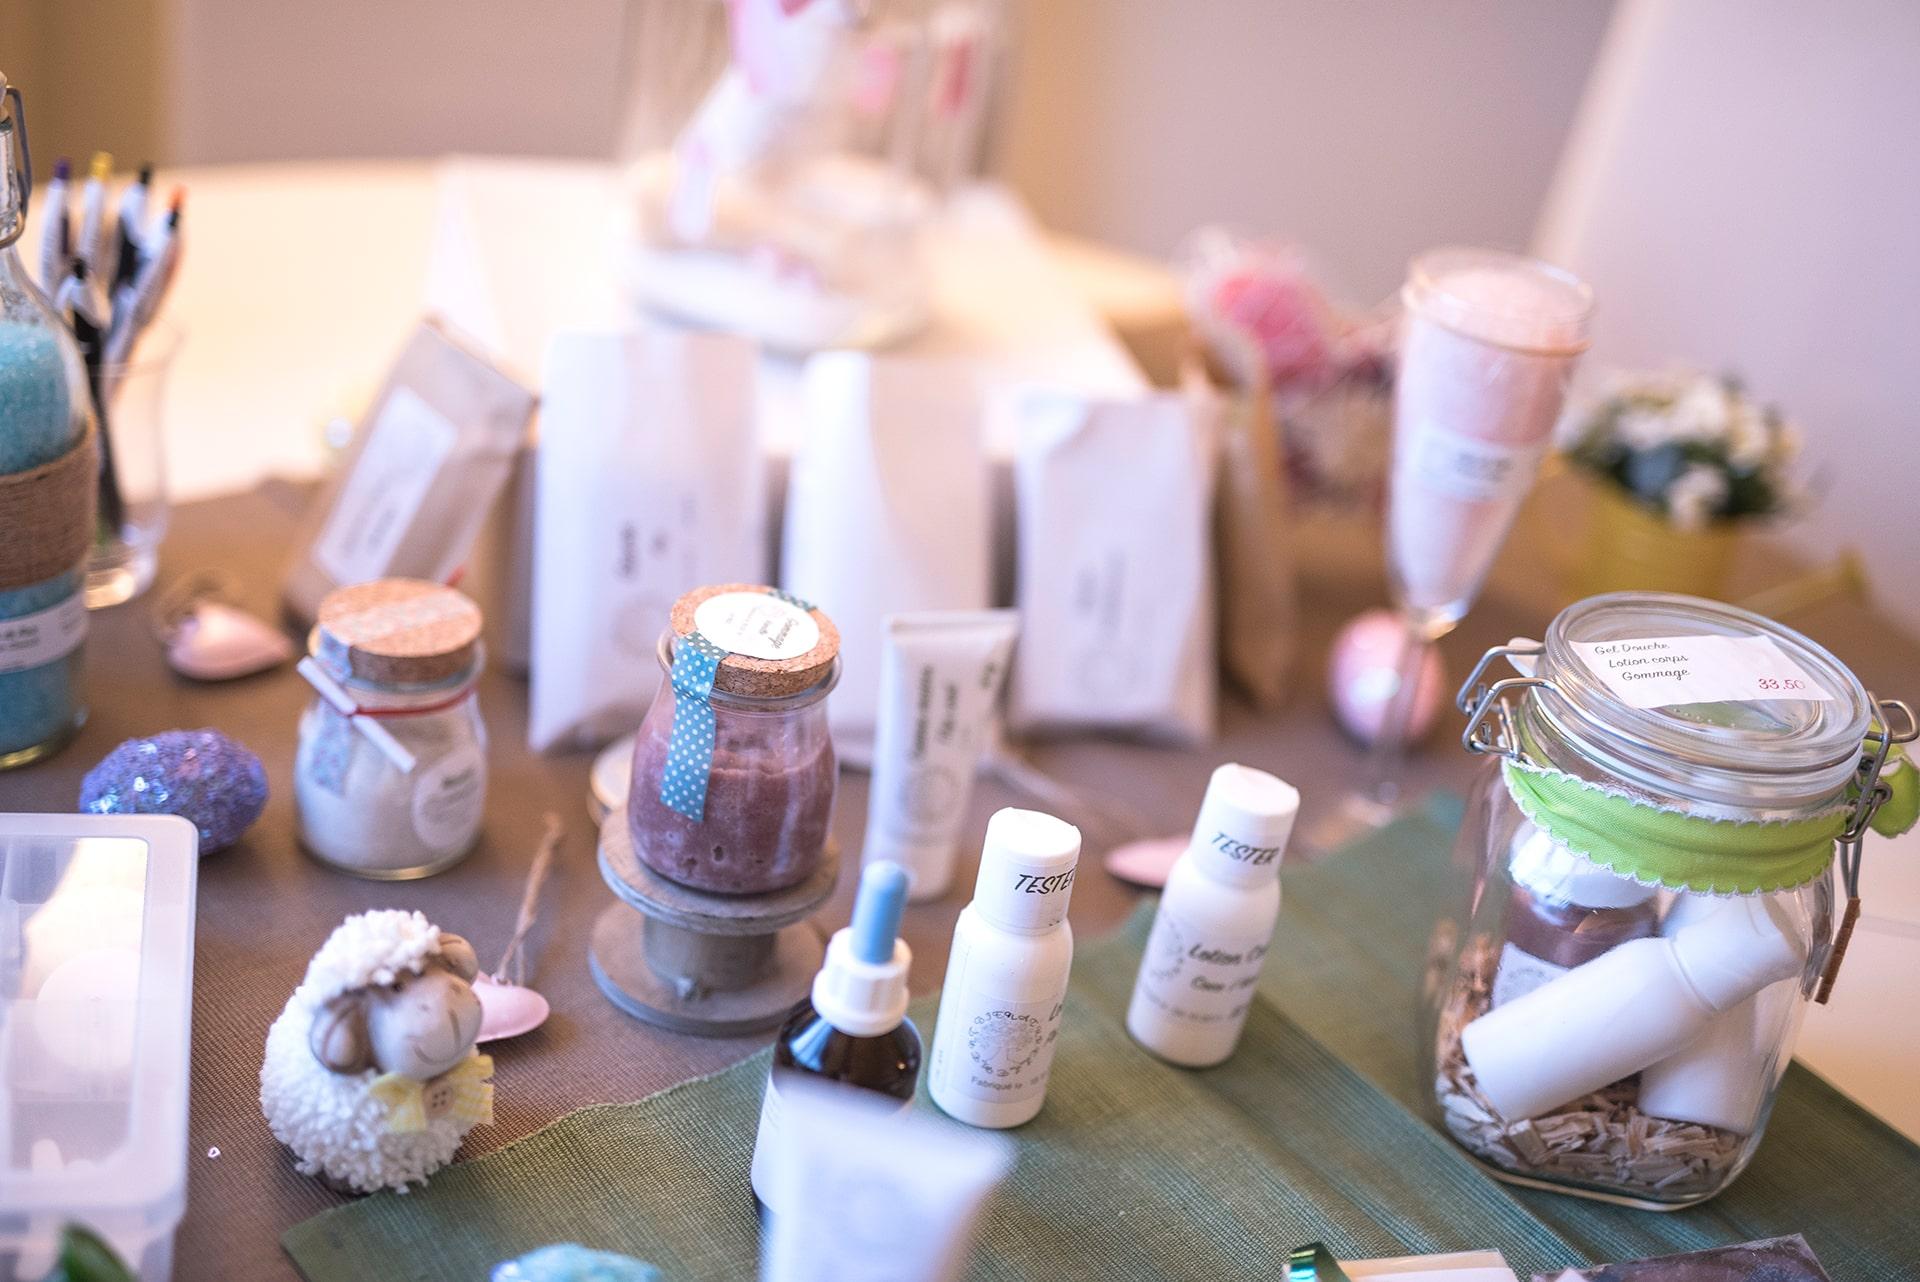 Blog Lifestyle - La gamme de produits de Naturellement bien - Suivre sa Joie - Saskia Parein